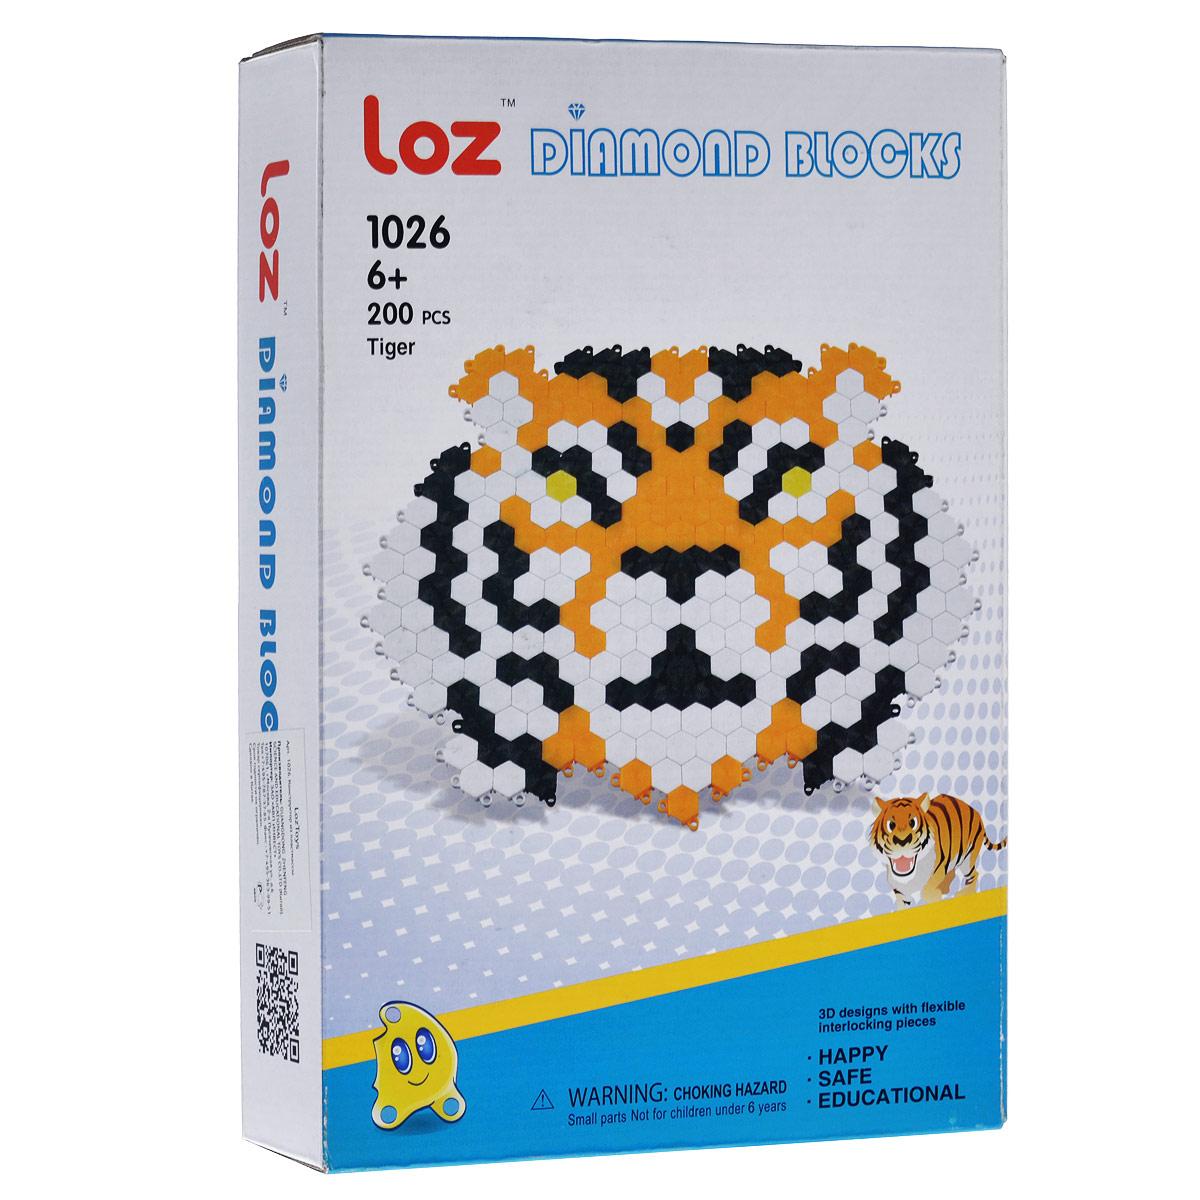 Мозаика Loztoys Тигр, 200 элементов1026Мозаика Loztoys Тигр позволит вашему ребенку весело и с пользой провести время. Мозаика включает в себя 200 пластиковых элементов черного, белого и оранжевого цветов, с помощью которых ребенок сможет собрать голову тигра. Элементы легко скрепляются между собой. Мозаику можно собирать как на столе, так и на полу. Собирание мозаики поможет развить у ребенка мелкую моторику рук, координацию движений, внимательность, логическое и абстрактное мышление, ориентировку на плоскости, а также воображение и творческие способности.